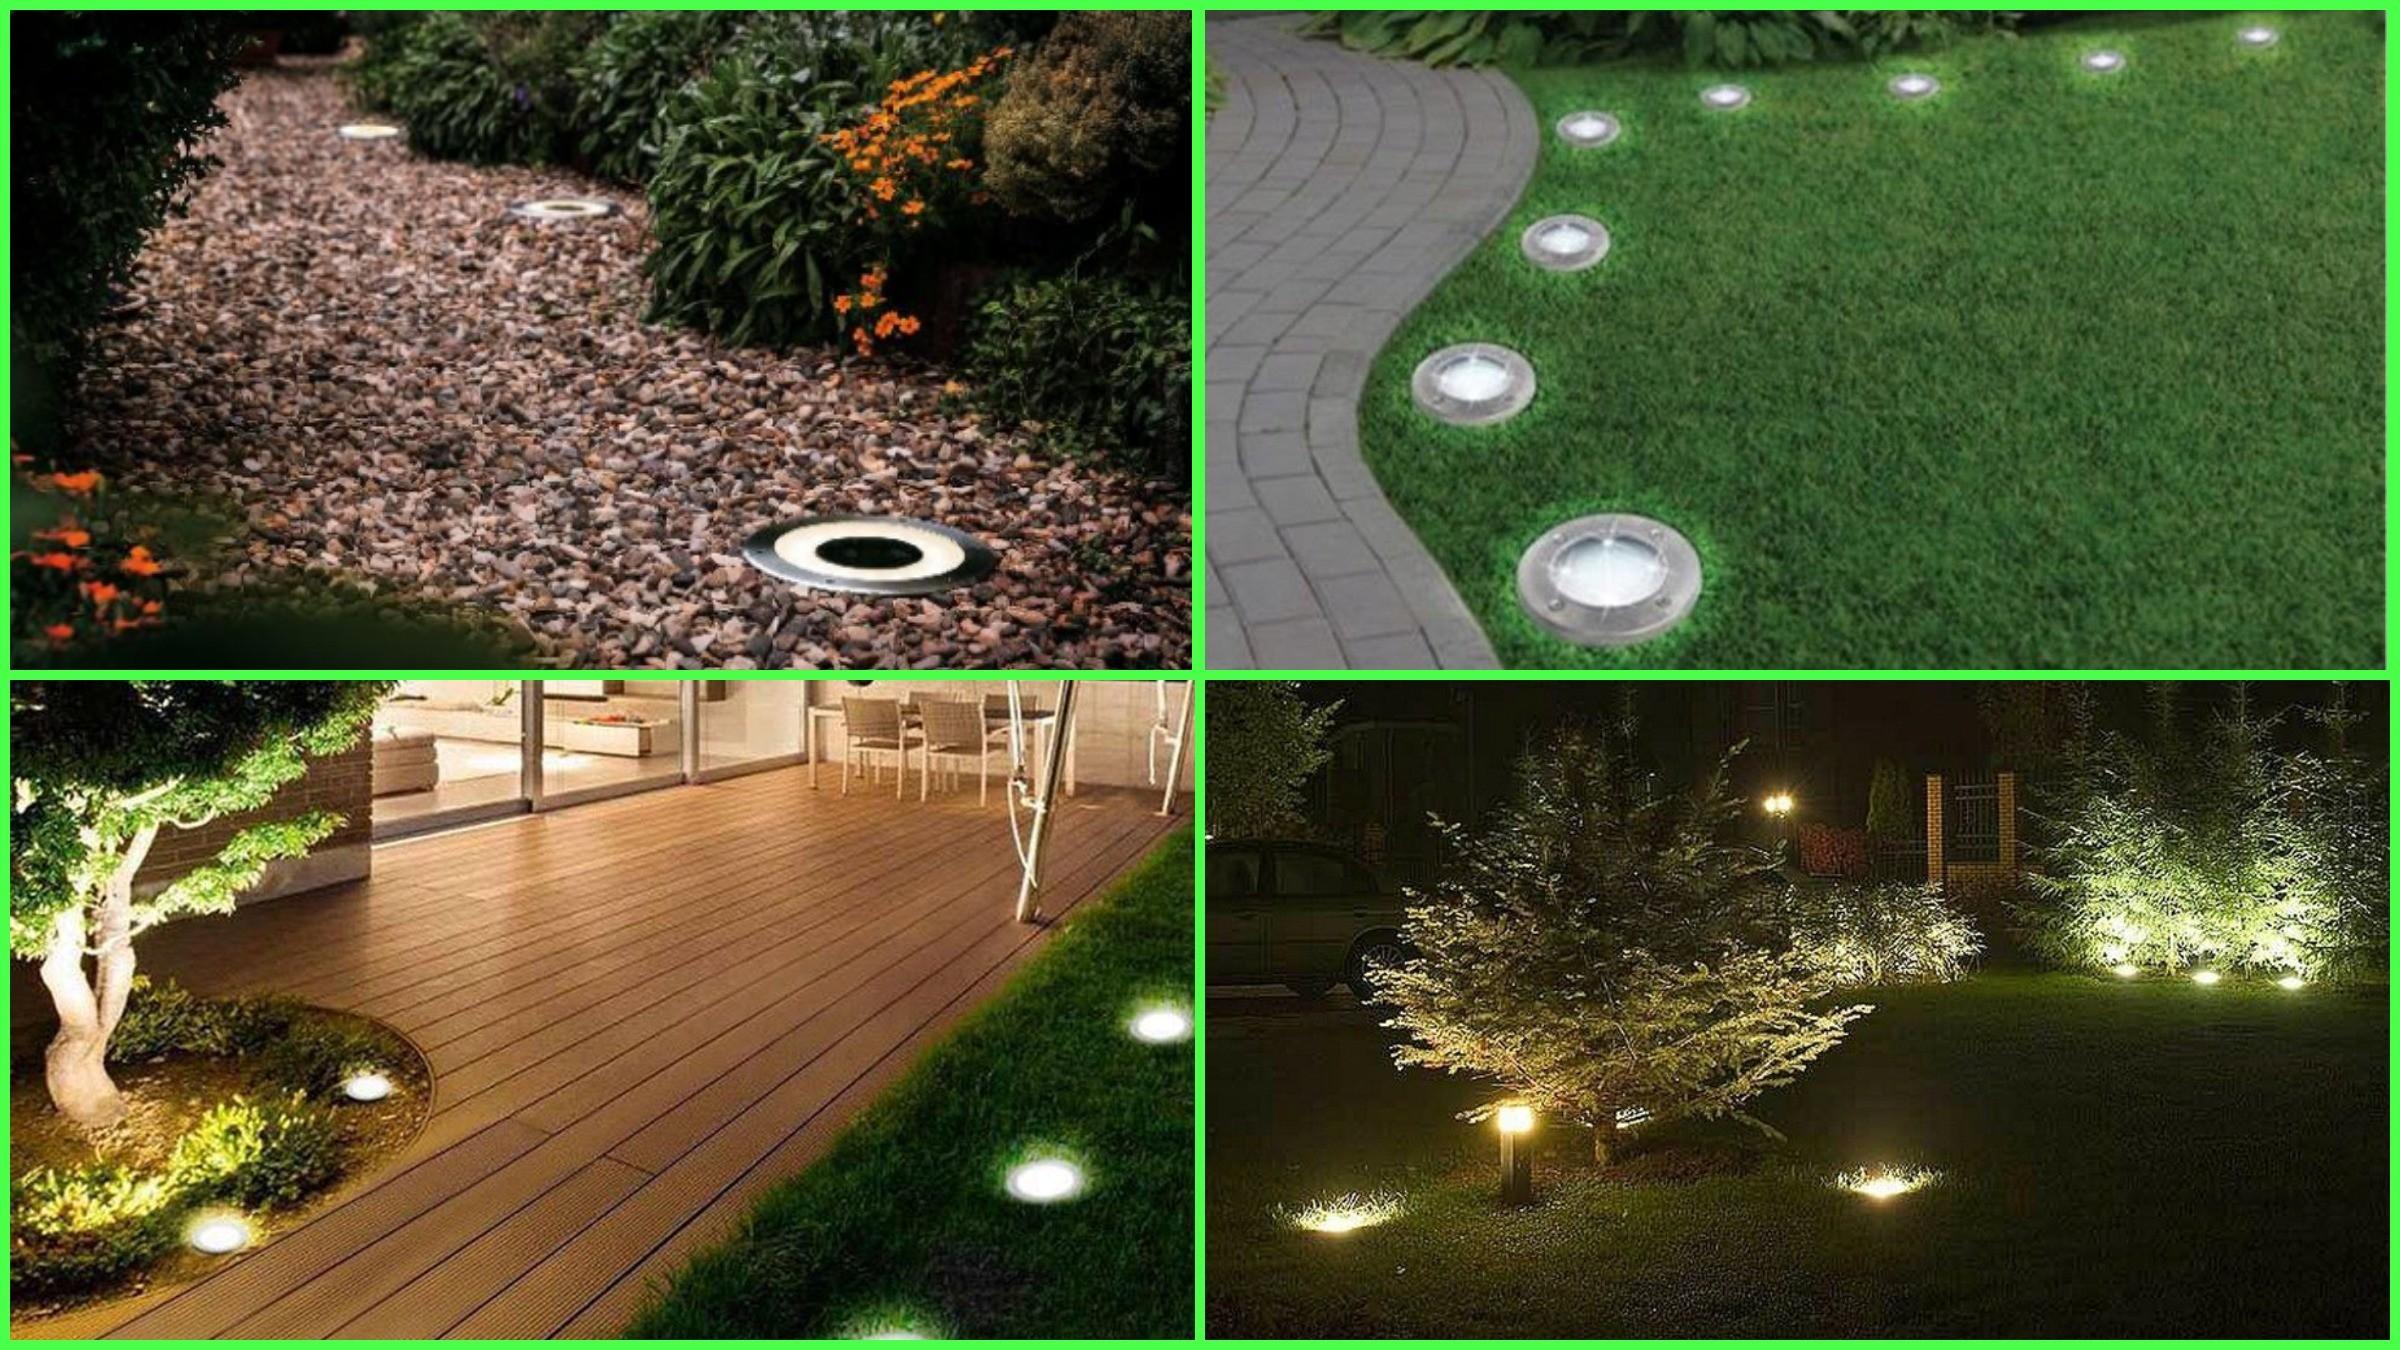 изображение грунтовых светильников